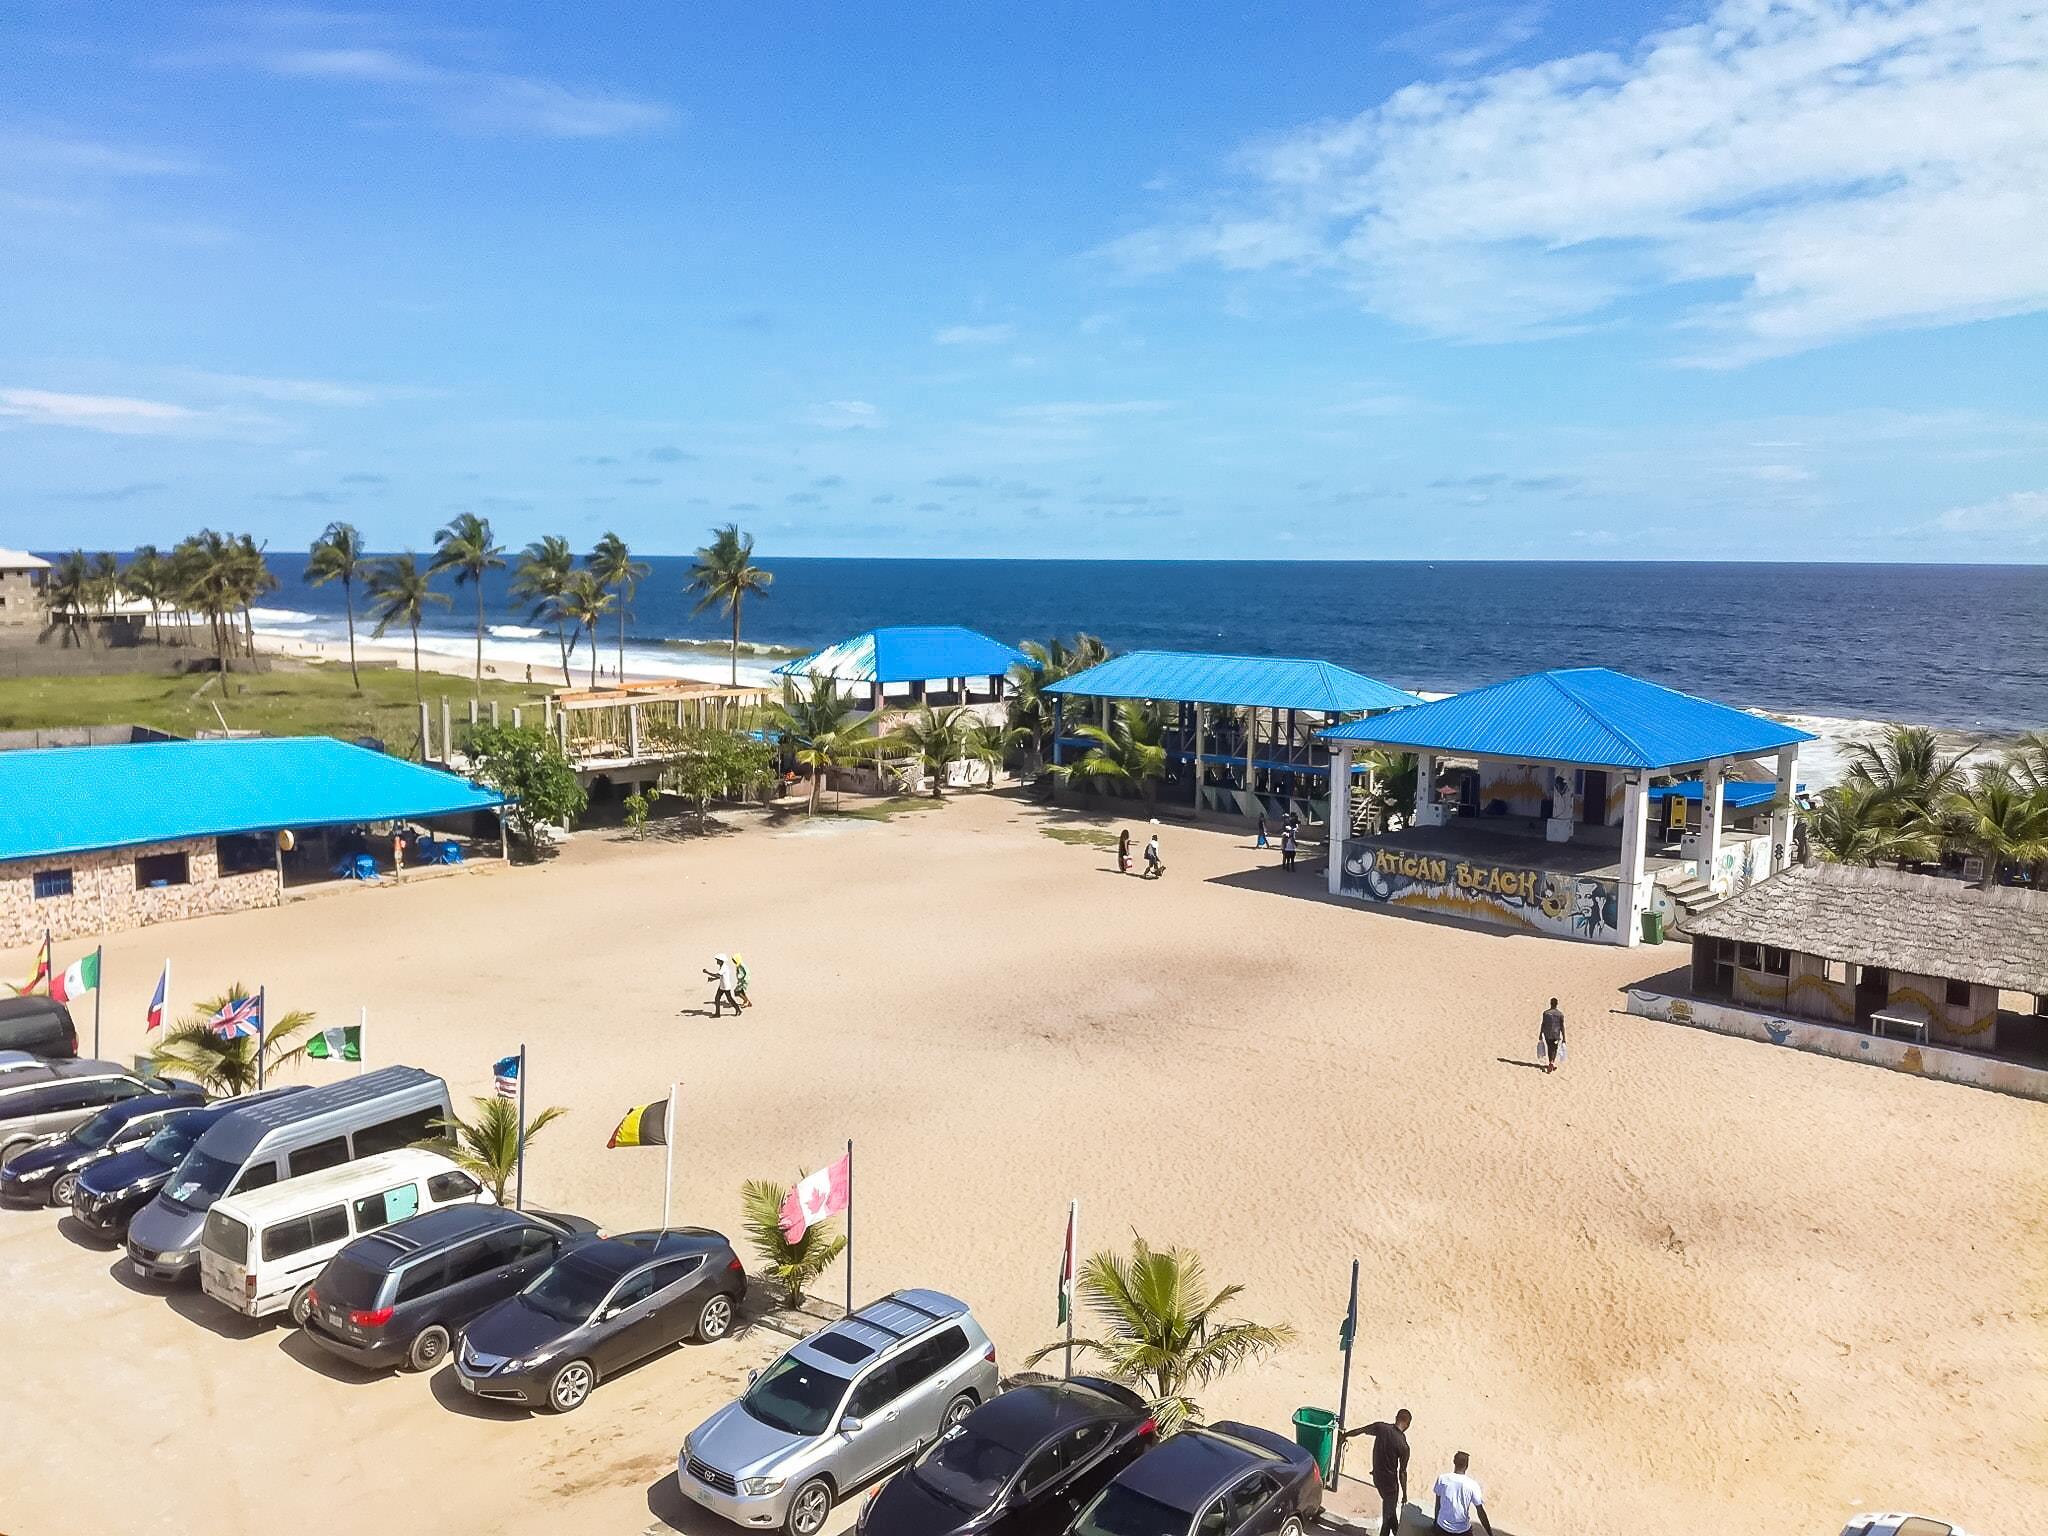 The Best Beaches In Lagos Nigeria